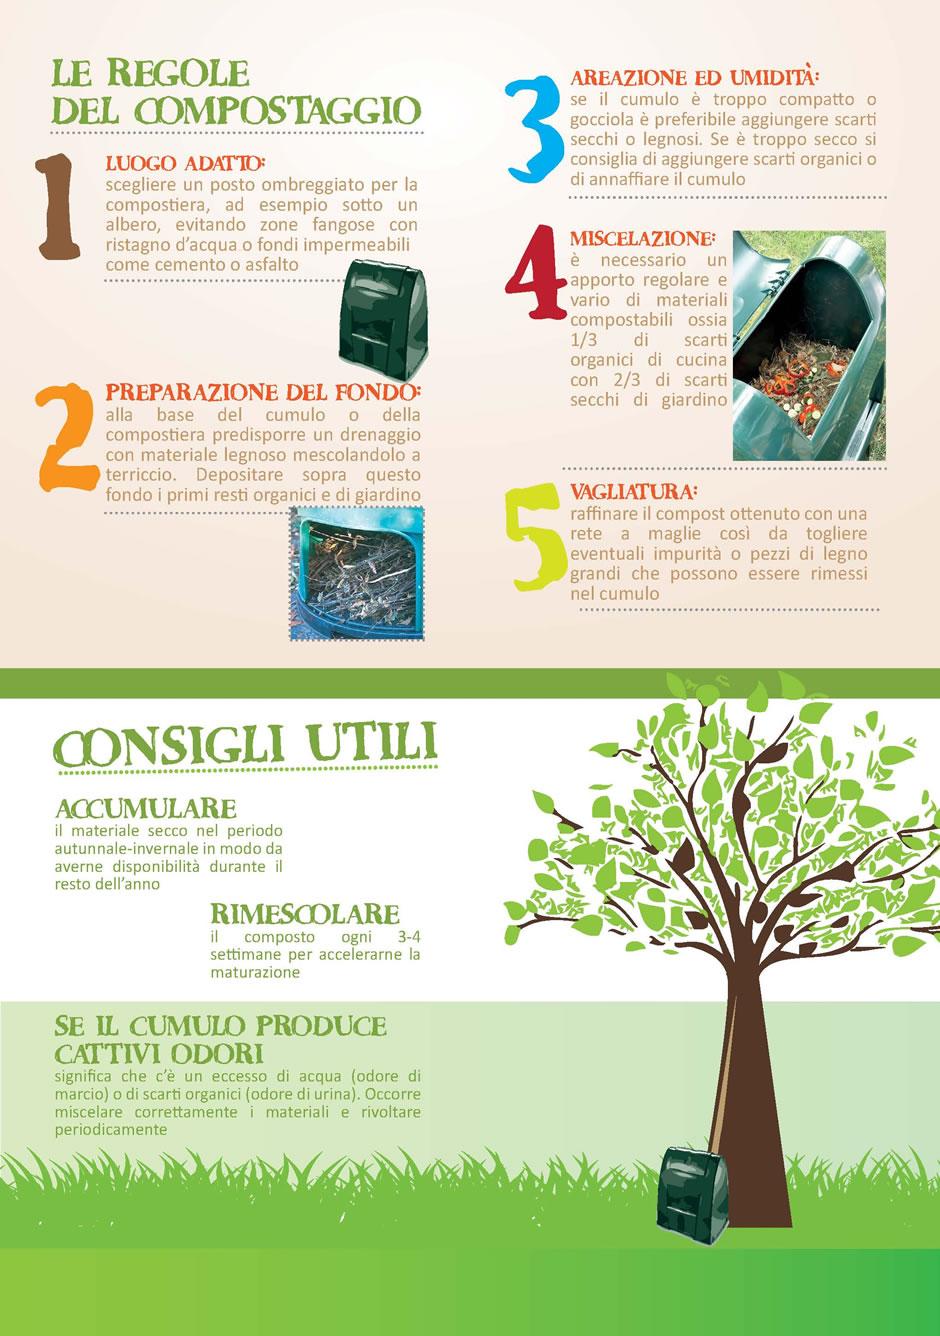 GUIDA COMPOSTAGGIO Pagina 2 web